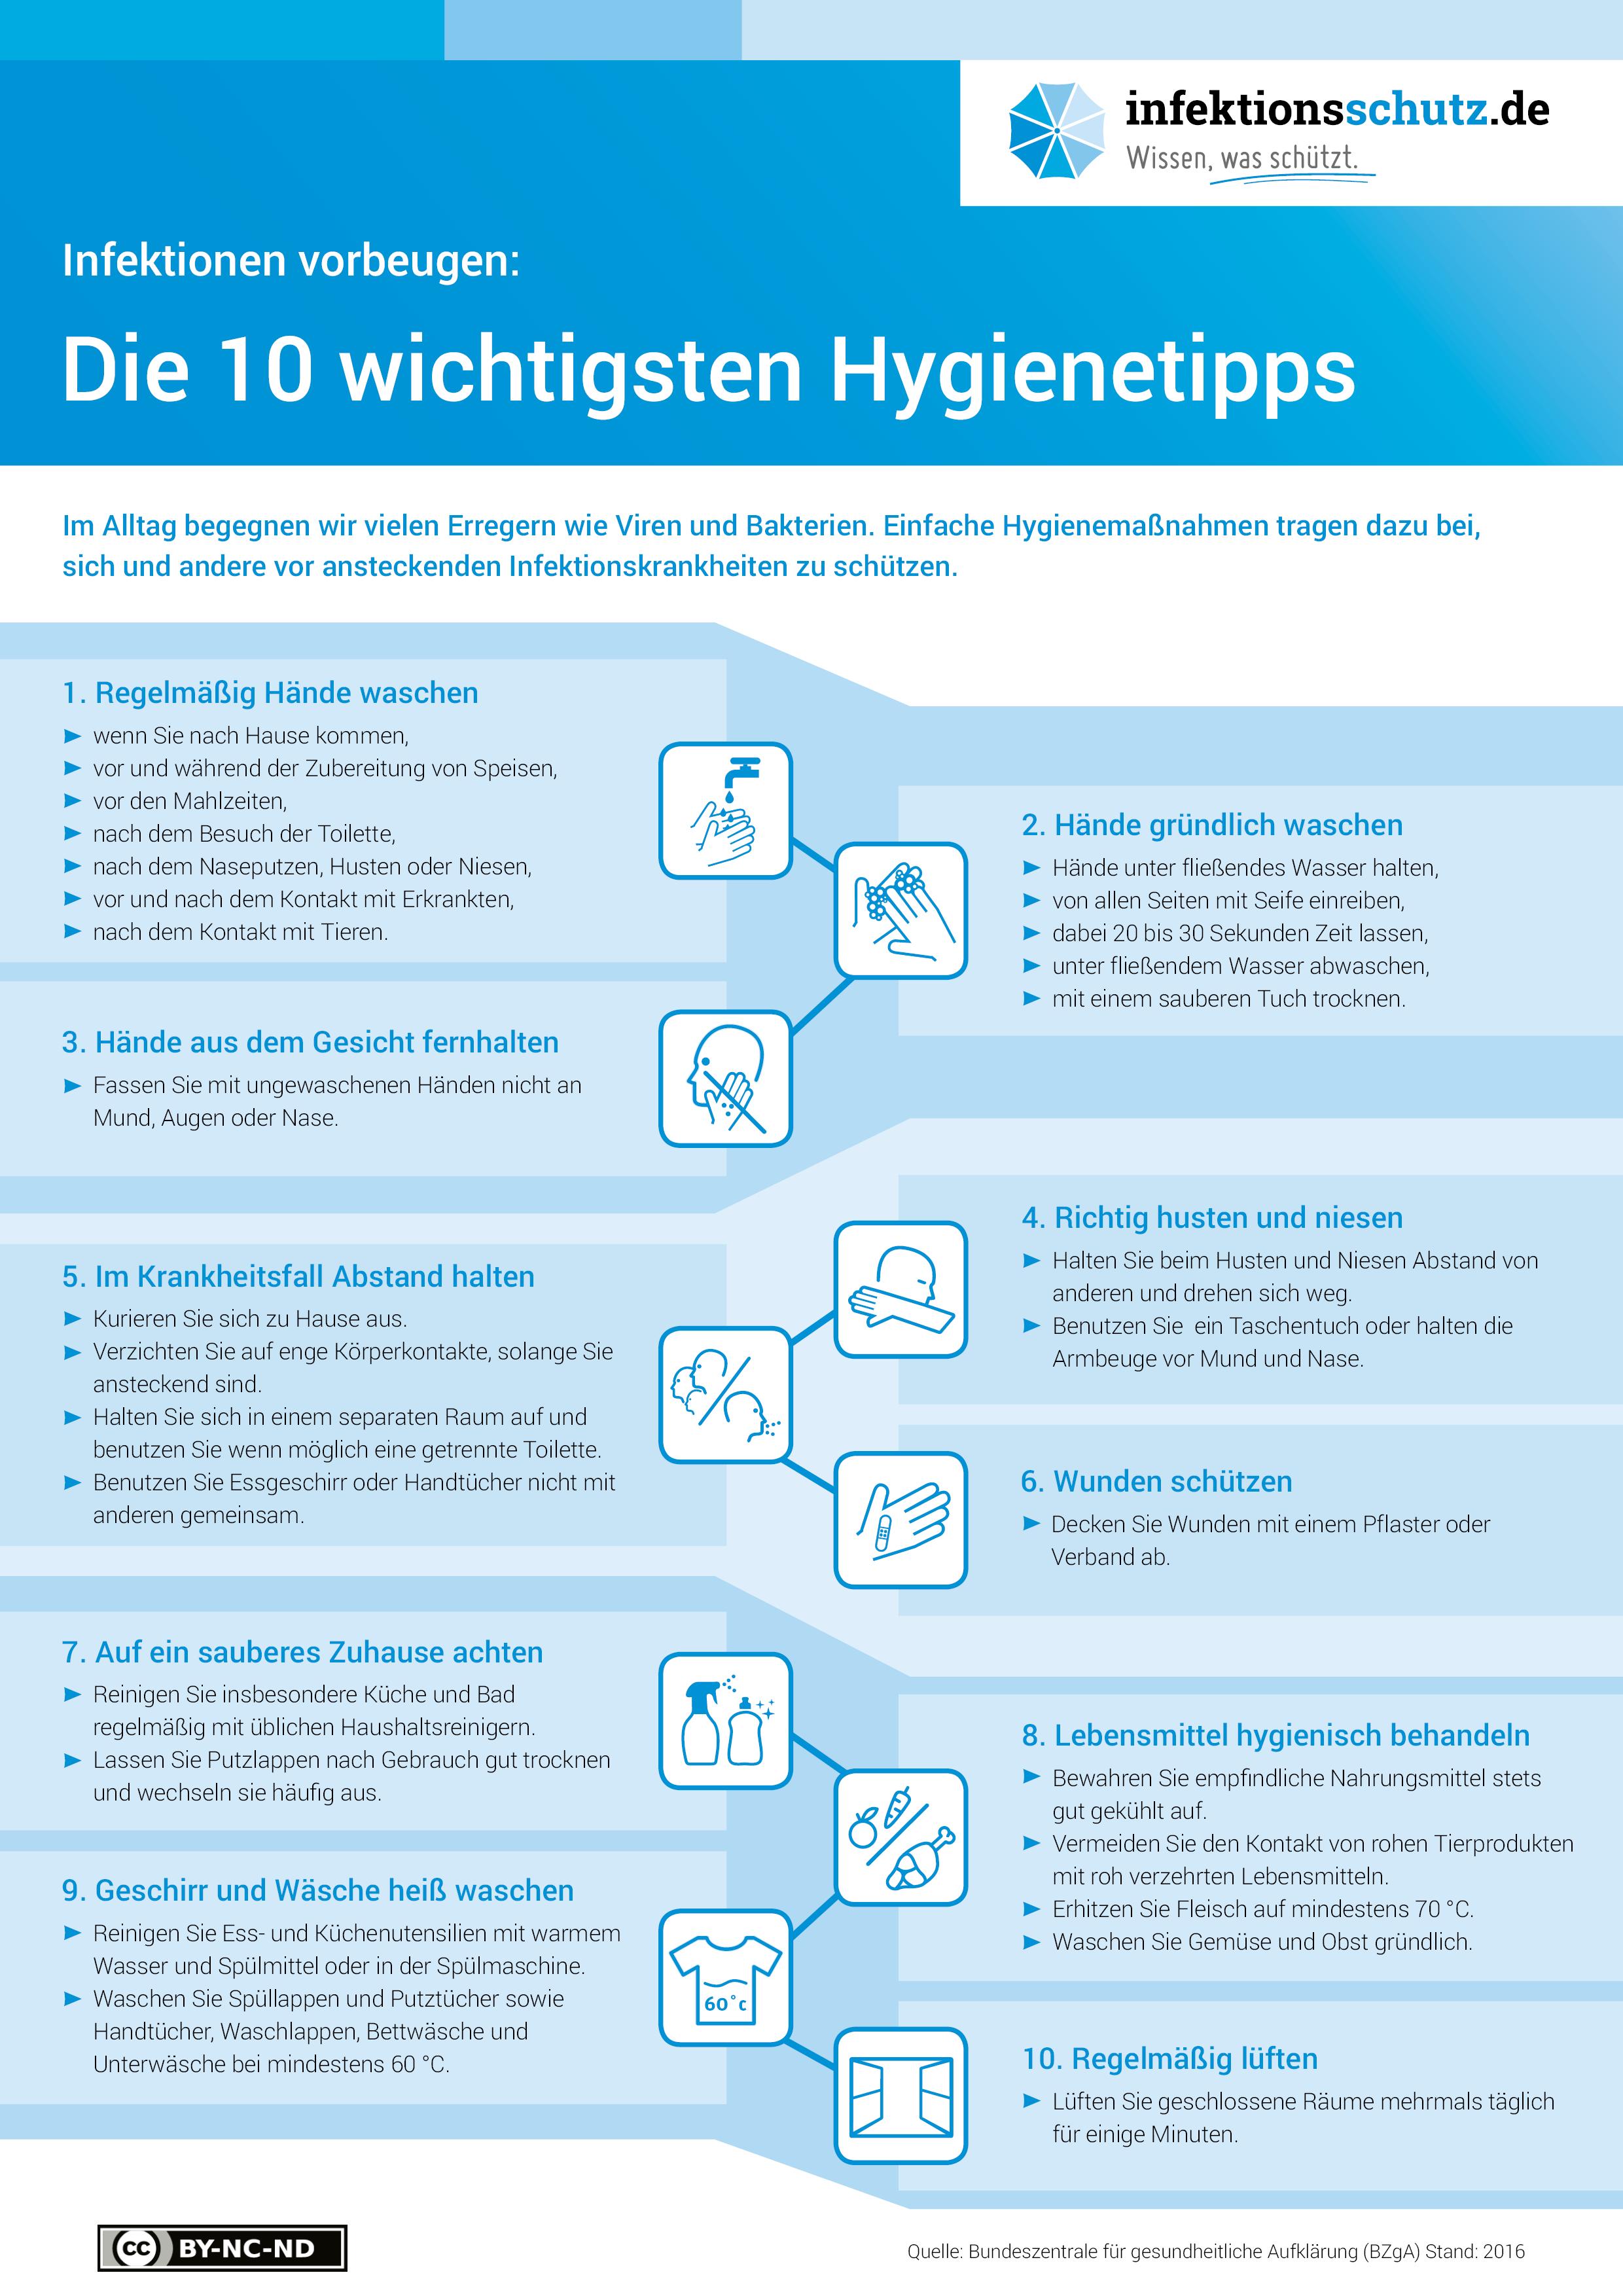 Hygienetipps zur Vermeidung von Infektionen